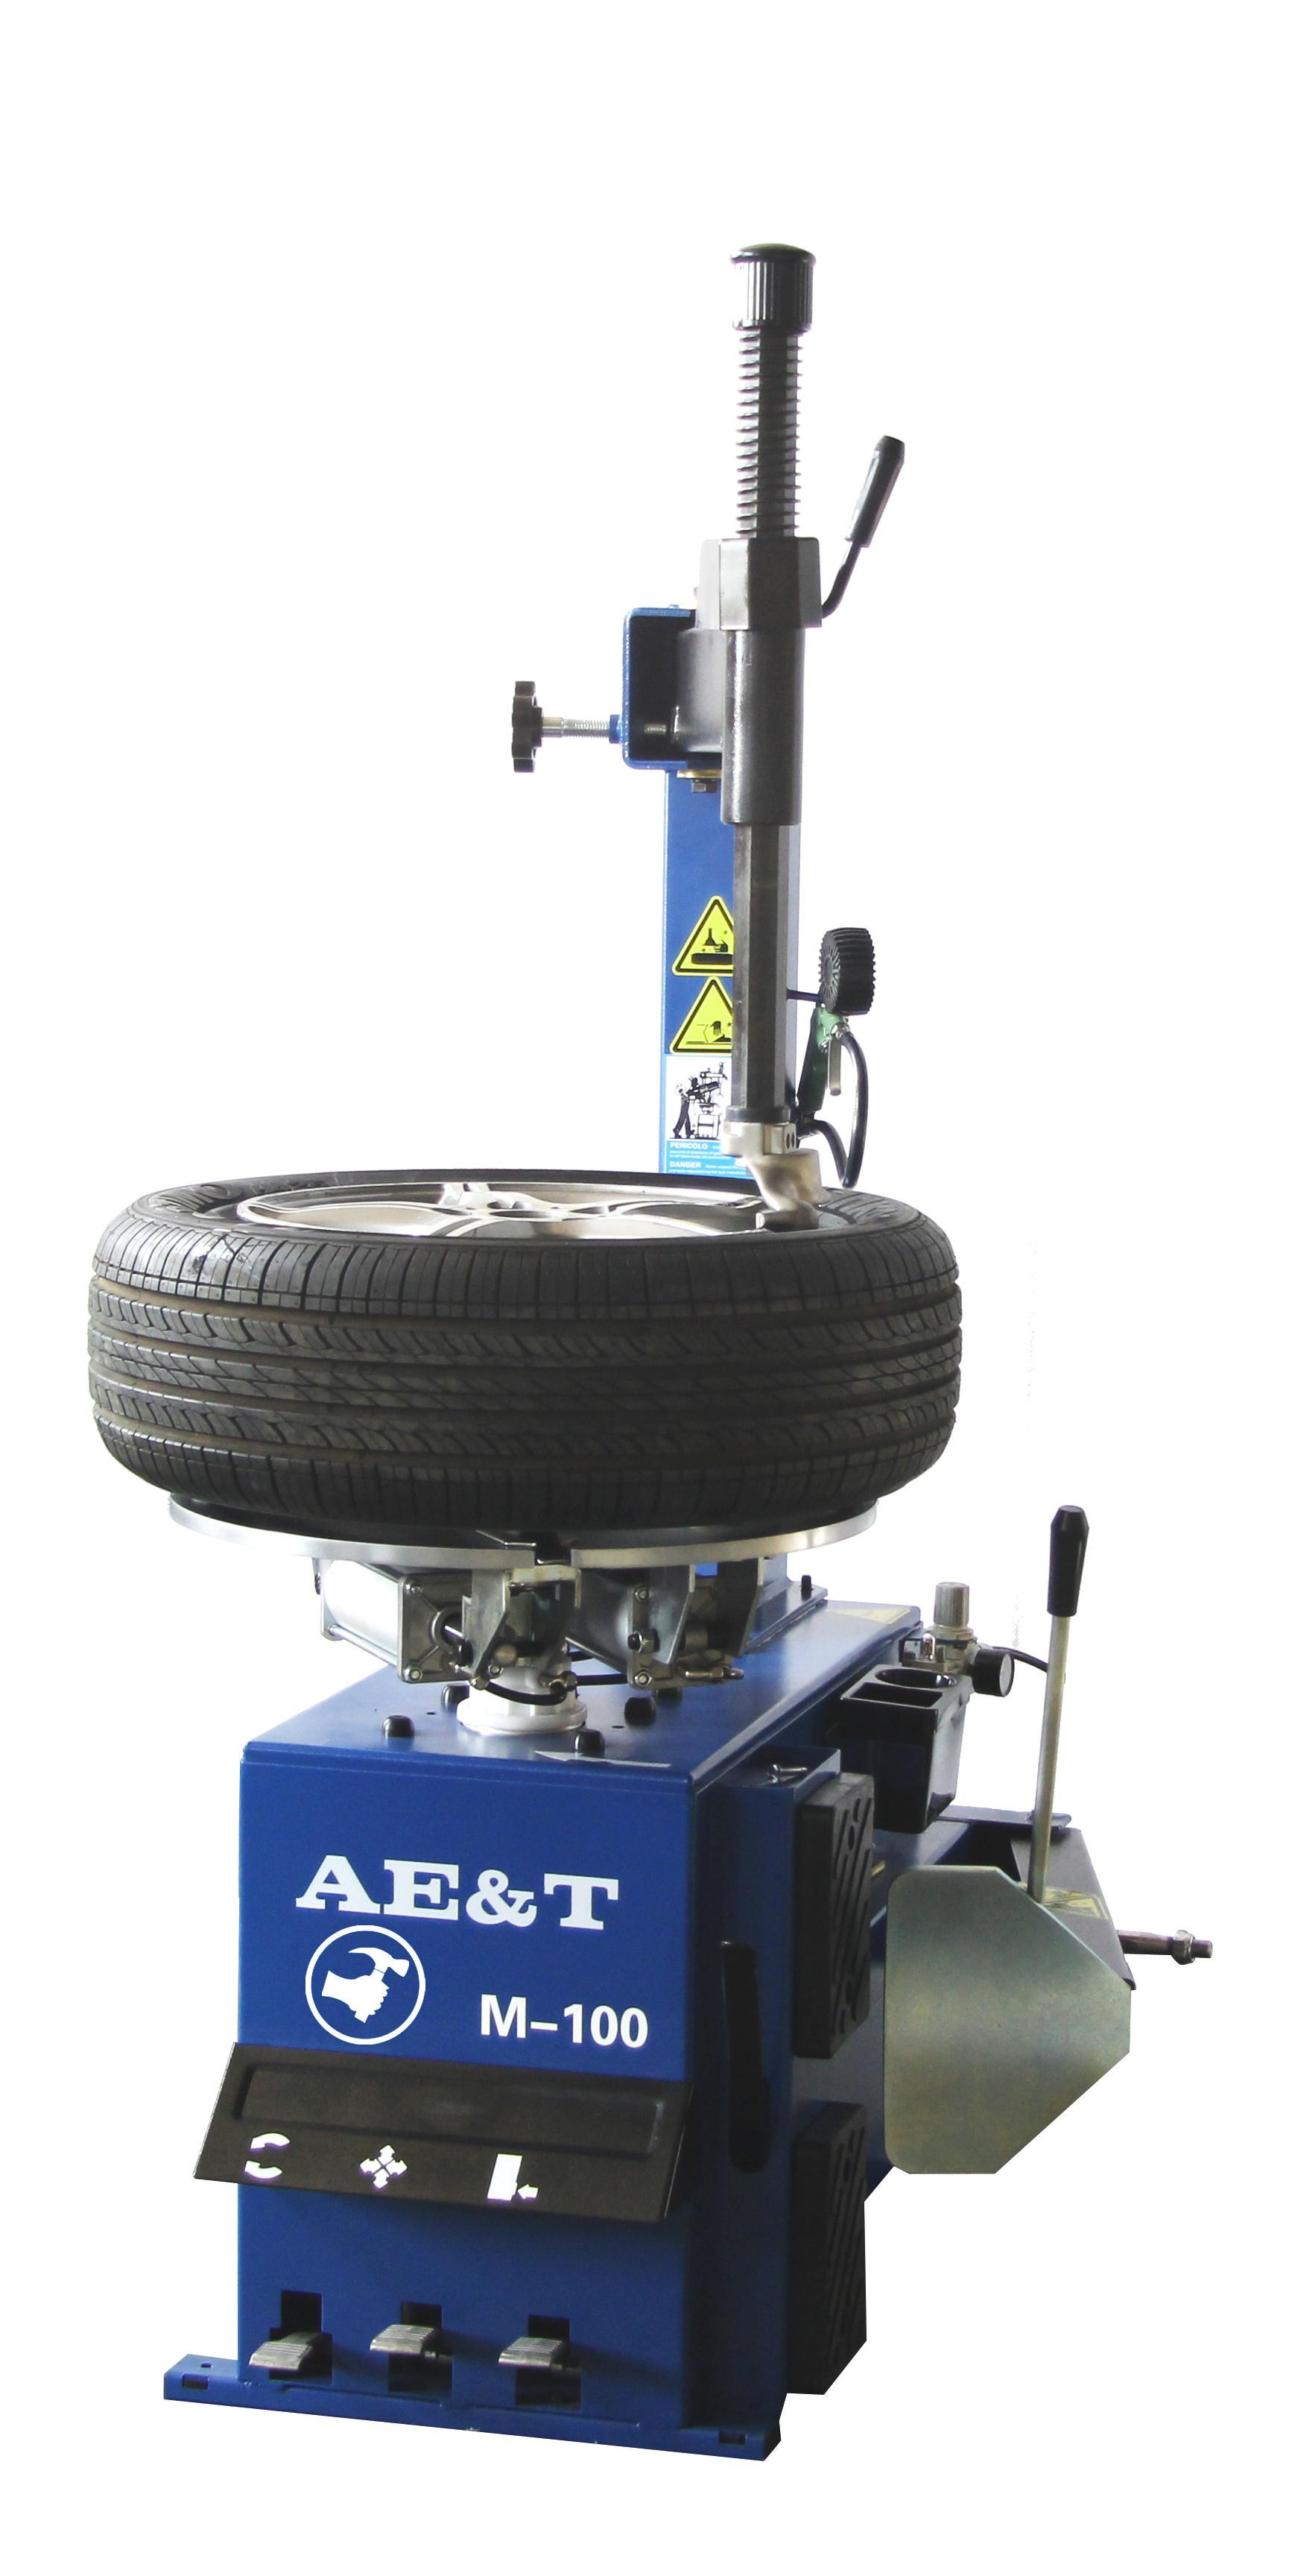 Станок шиномонтажный Ae&t M-100 220b